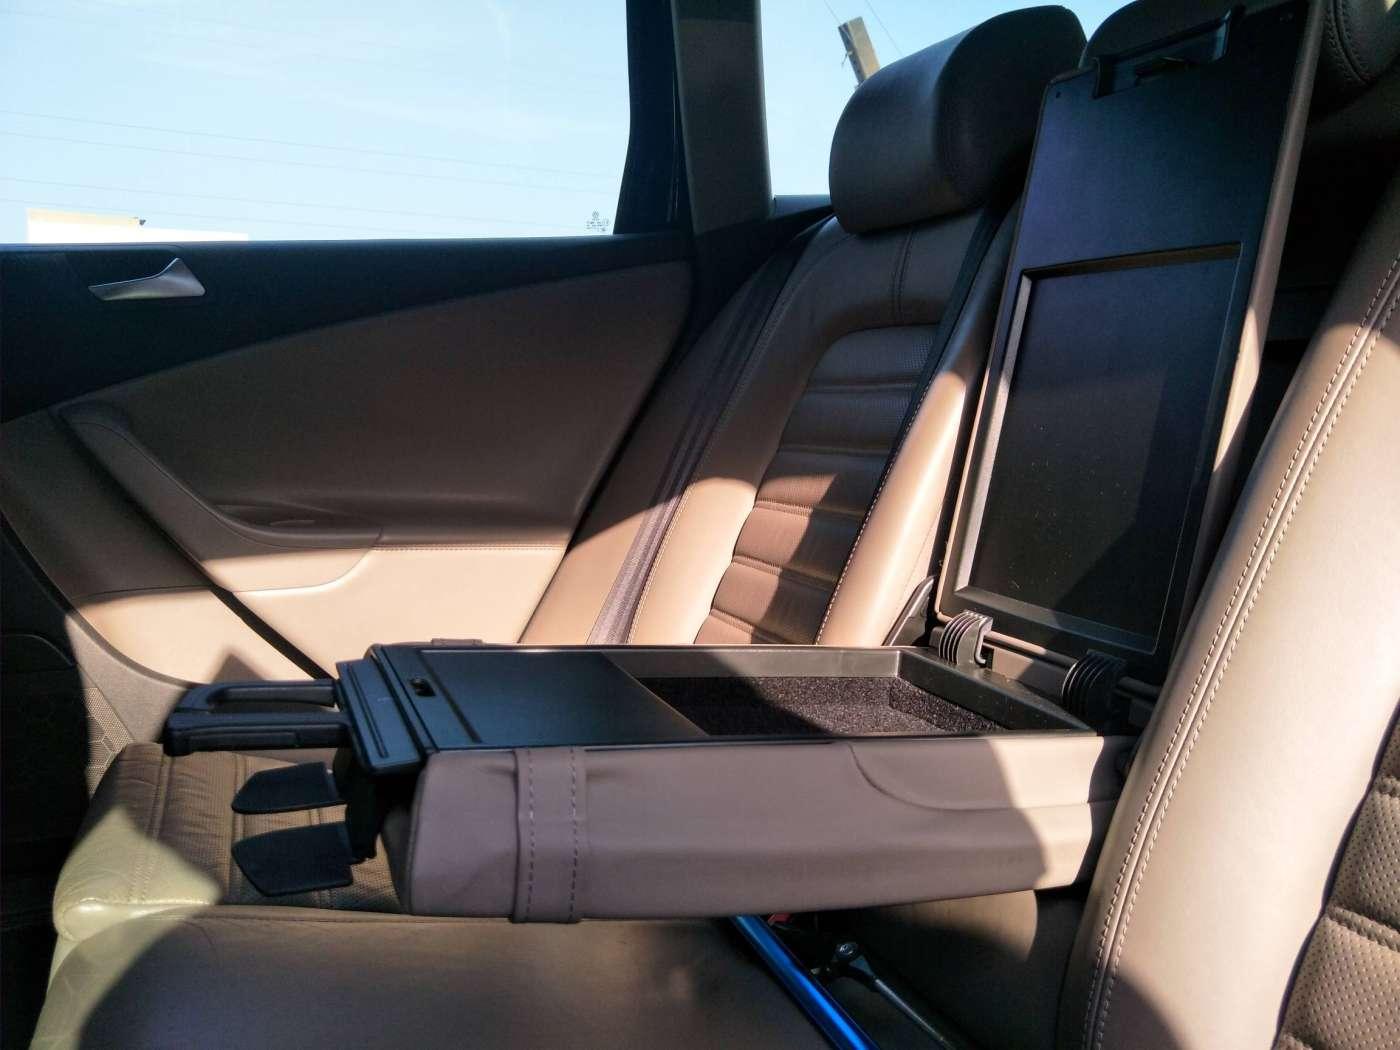 2011年01月 大众 迈腾(进口) 大众迈腾(进口) 2012款 旅行版 2.0TSI 豪华型|甄选大众-北京卡斯基汽车服务重庆彩票